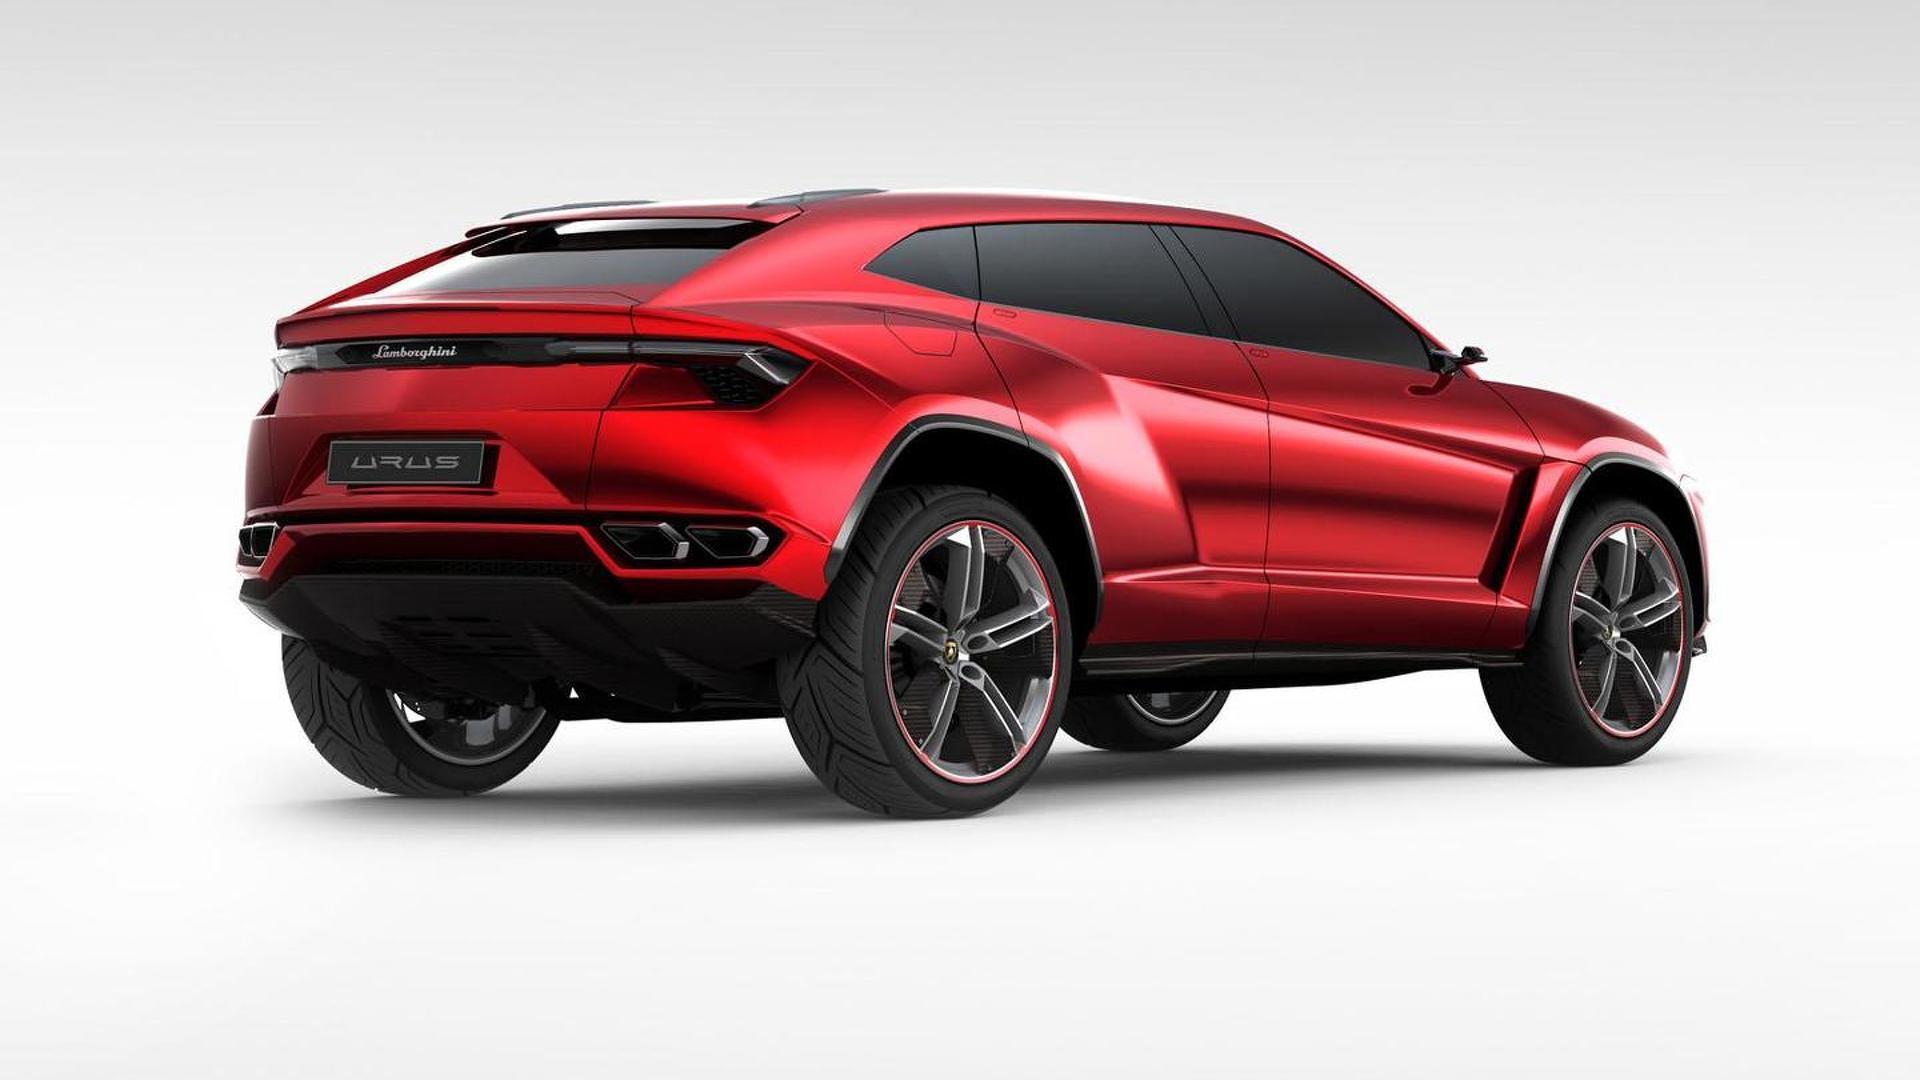 Lamborghini Urus still awaiting approval